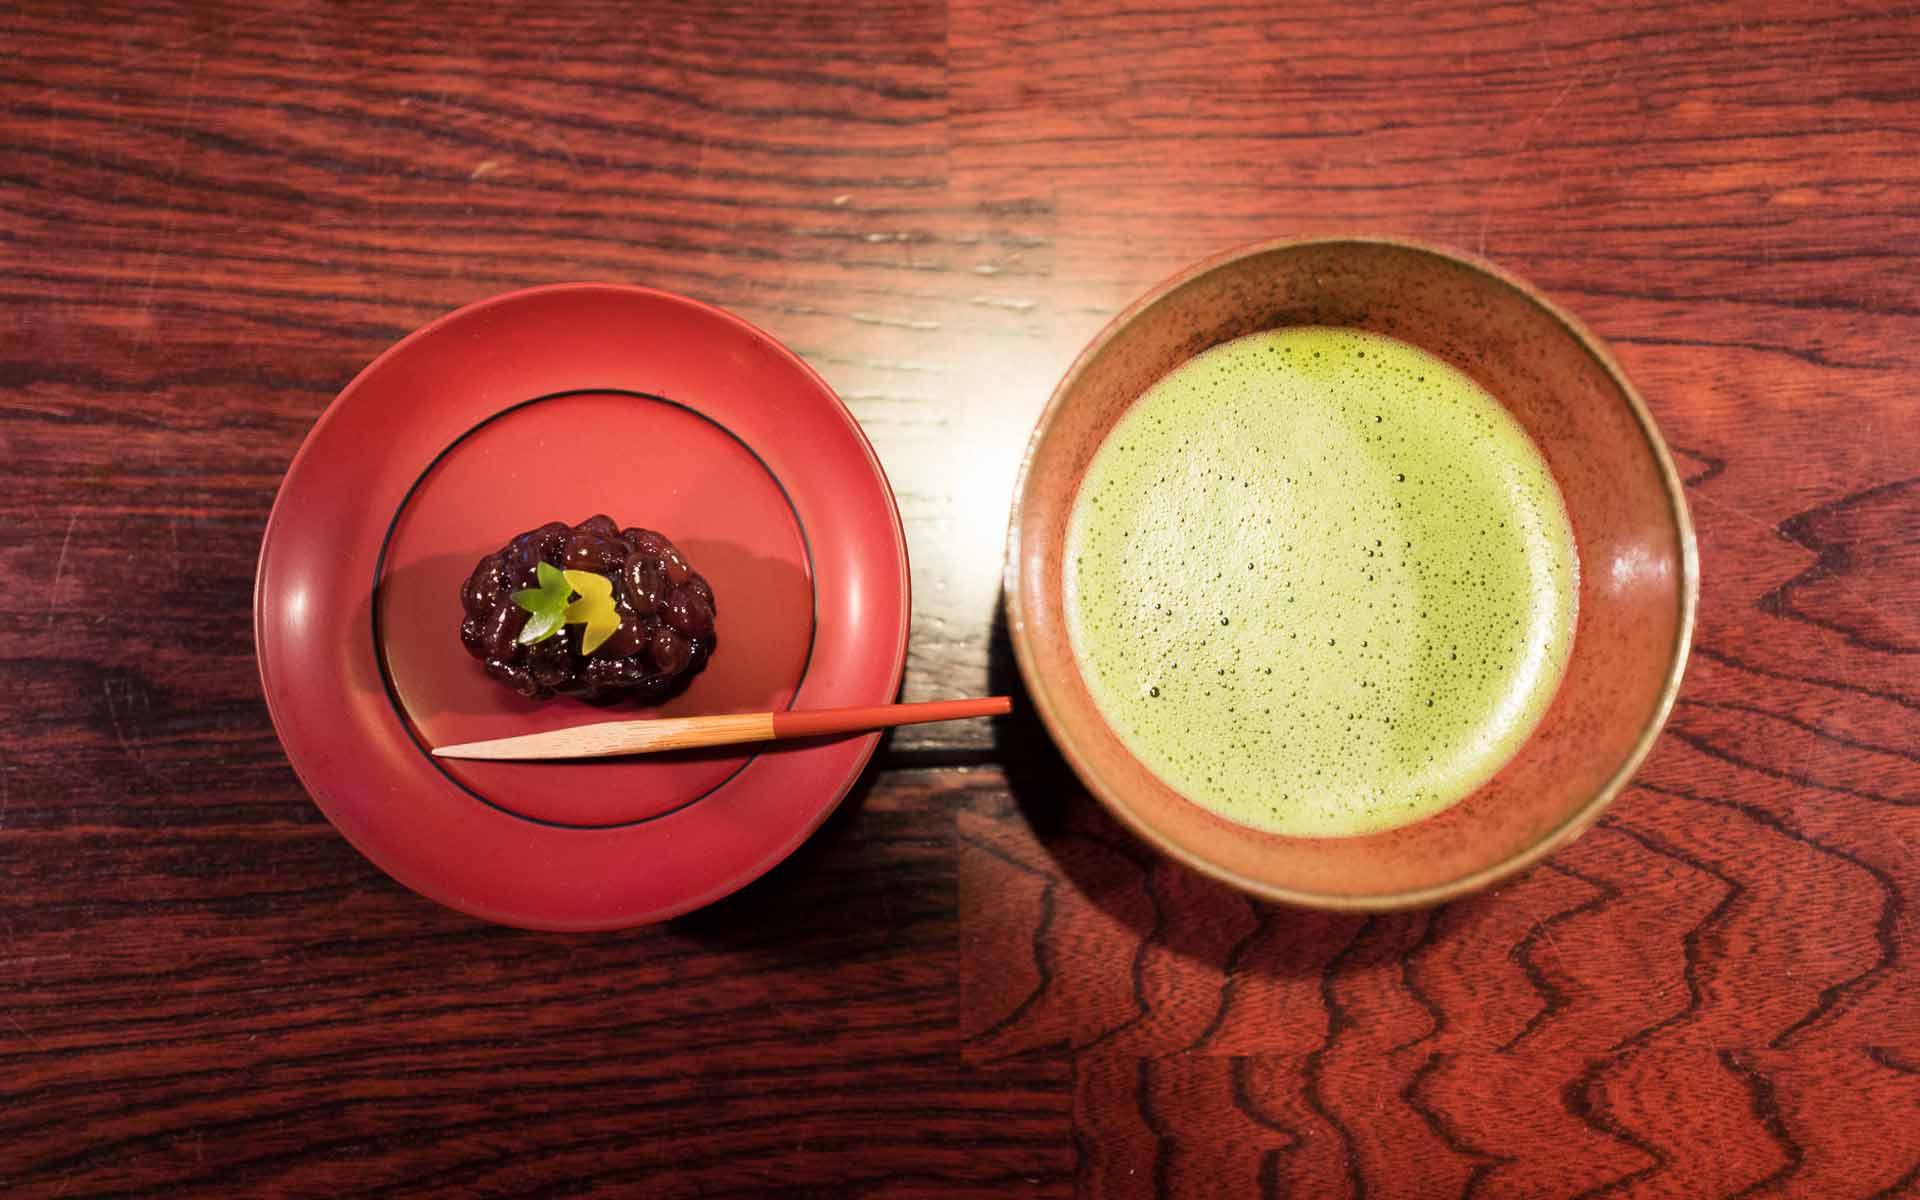 お抹茶と和菓子のセット